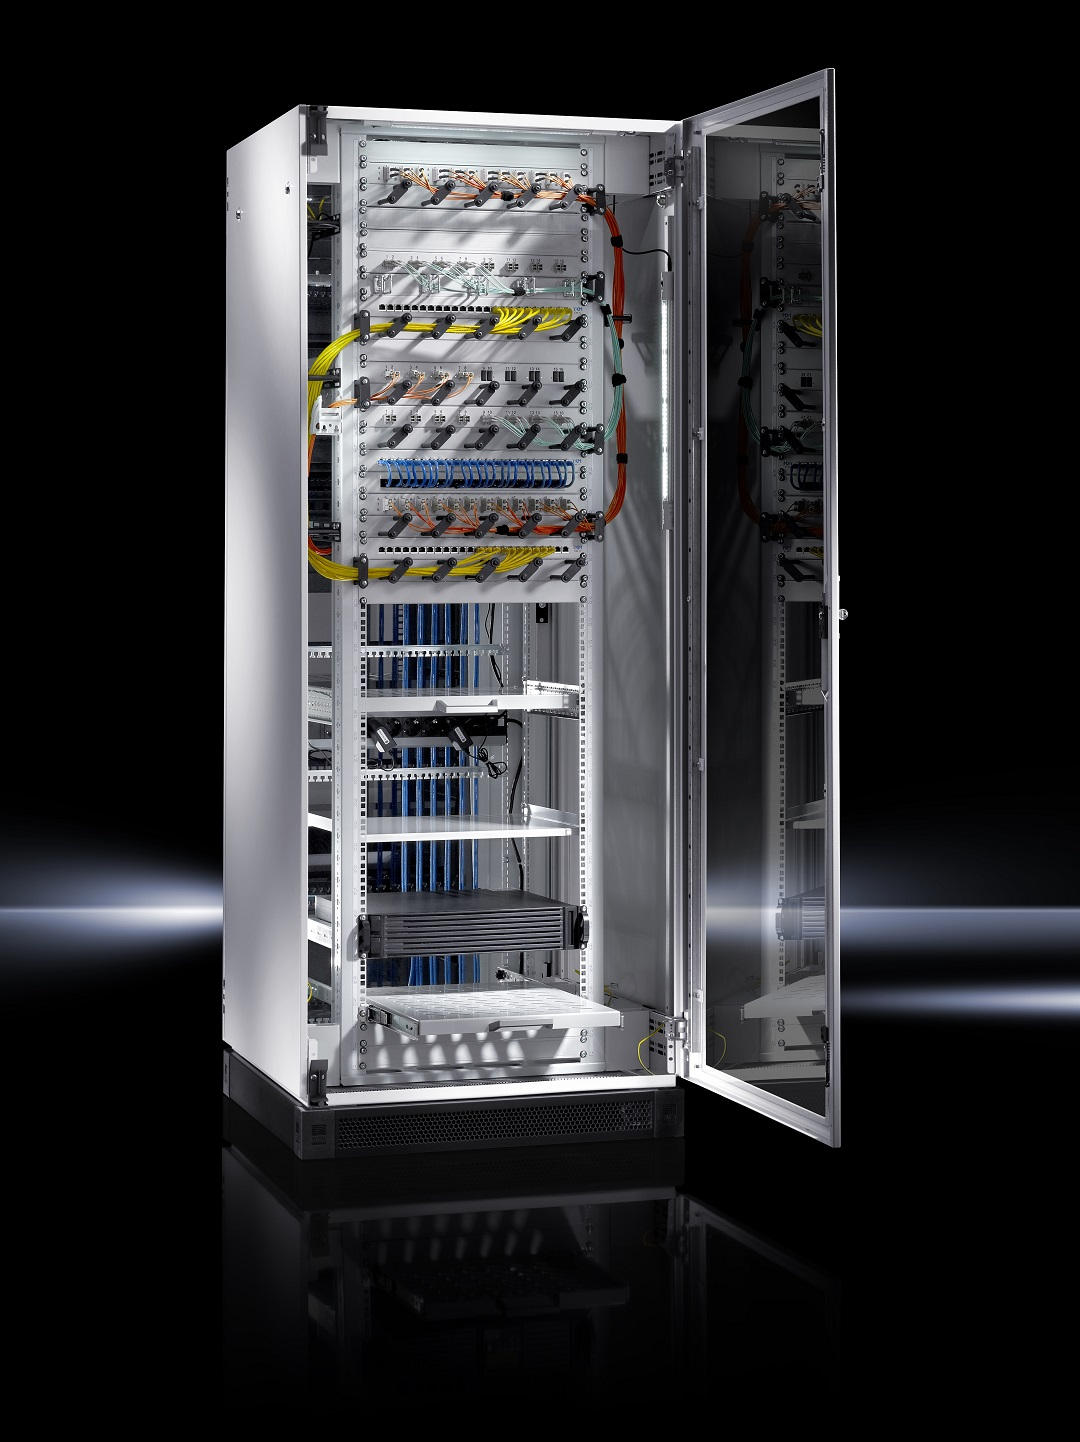 A Rittal új TE 8000 szétszerelhető IT szekrénye – a költséghatékony infrastruktúrához vezető első lépés